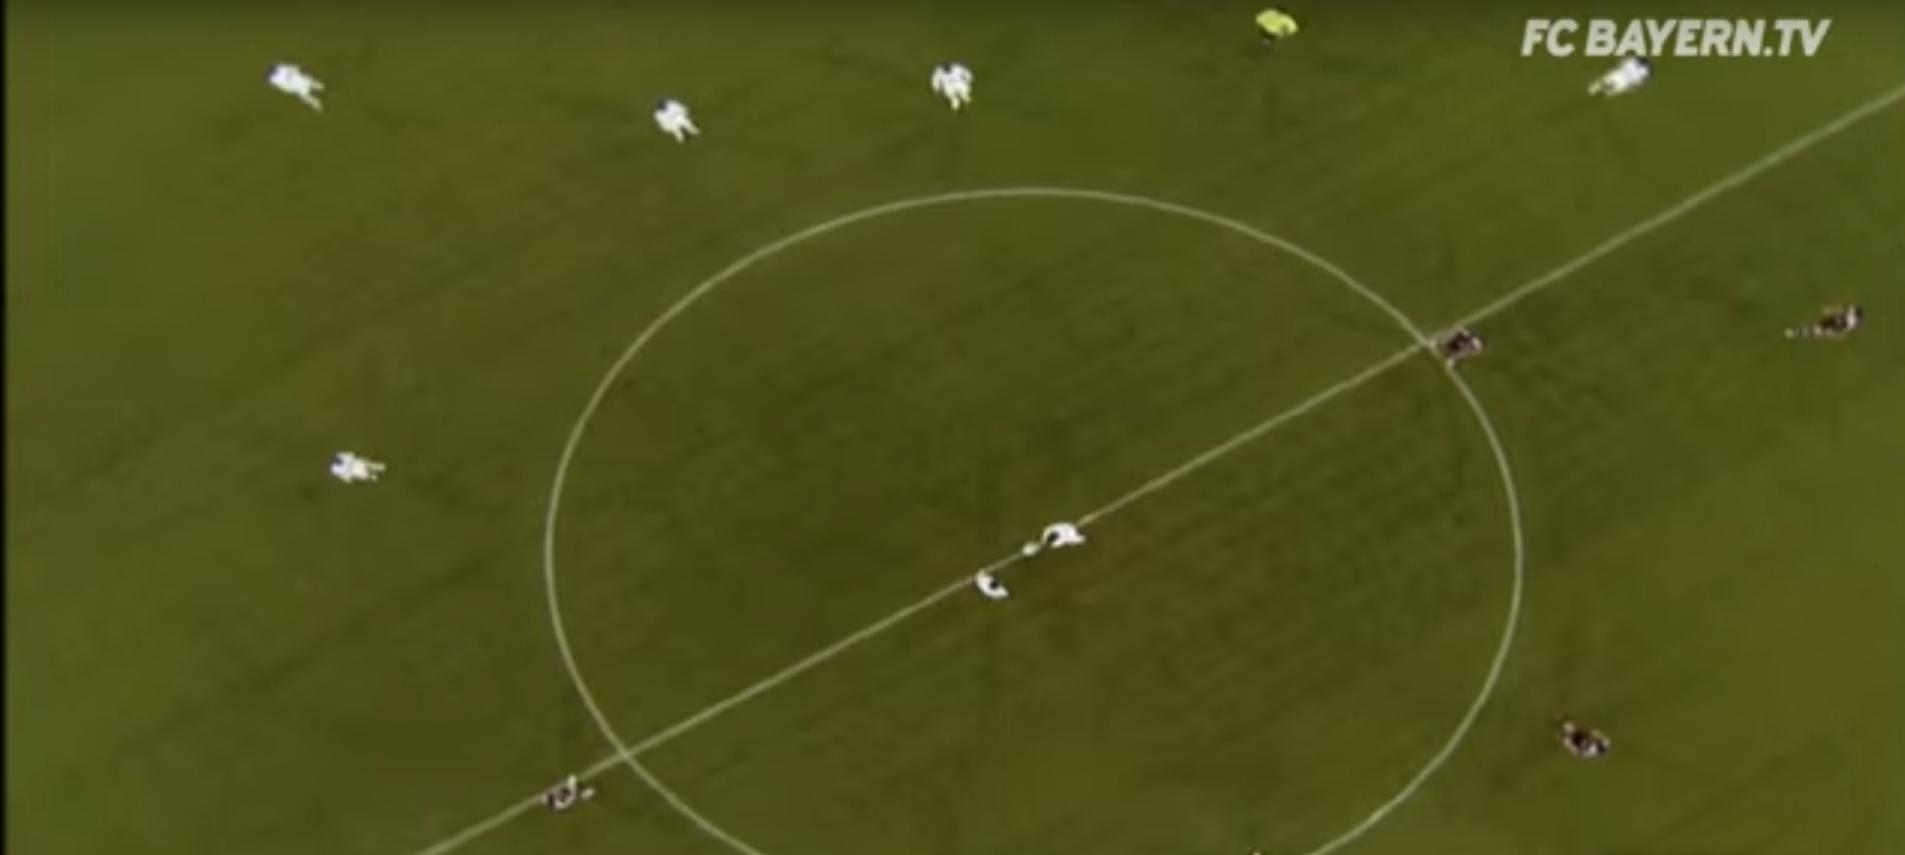 Лига чемпионов УЕФА, Реал Мадрид, Бавария, Рой Макай